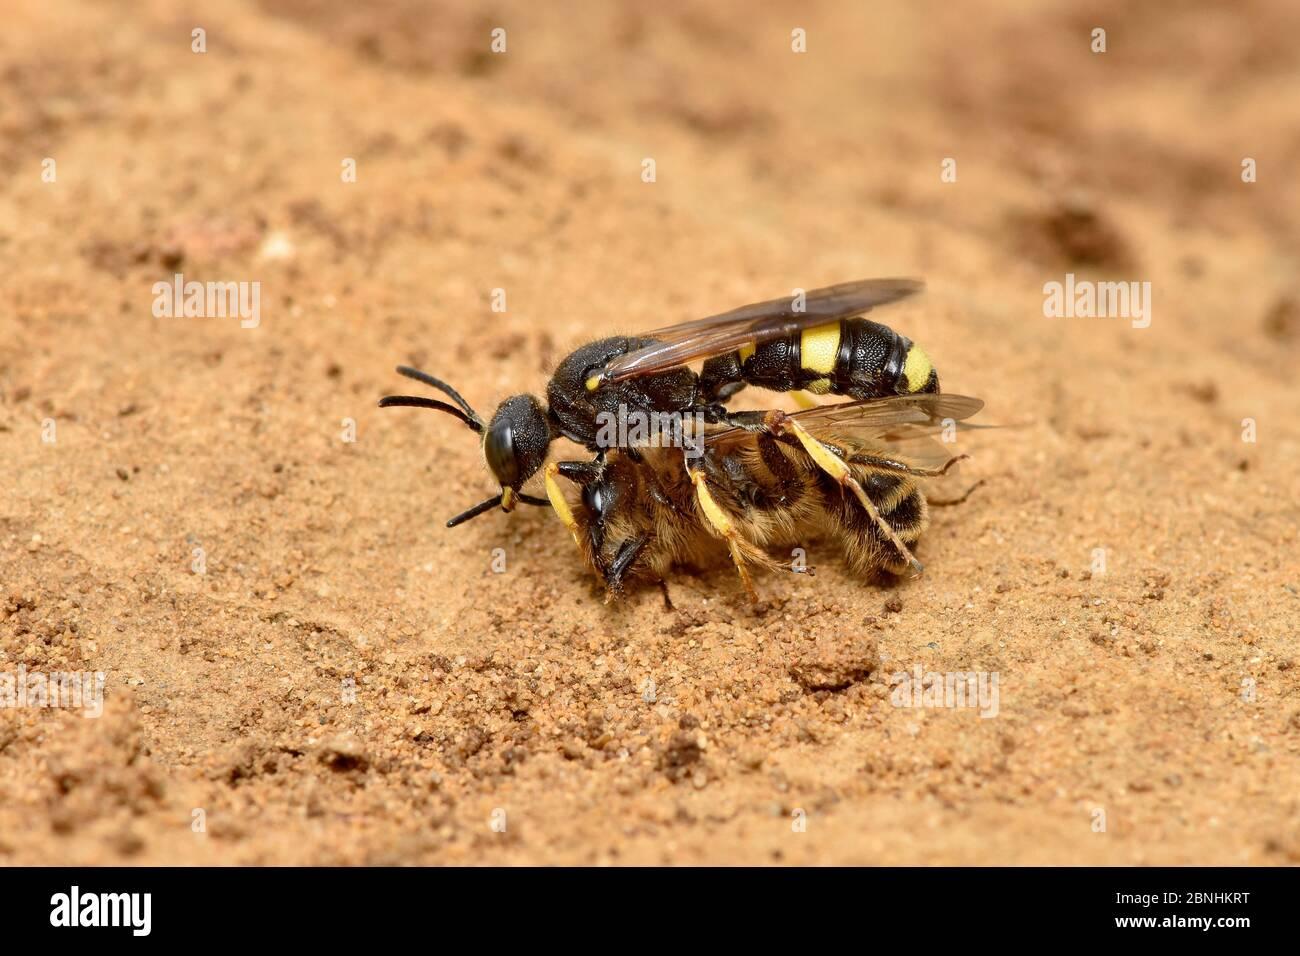 La vespa di Digger (Cerceris rybyensis) che porta l'ape paralizzata di mining (Andrena flavipes) di nuovo al burrow dove la vittima sarà mangiata dalle larve di vespa, su Foto Stock